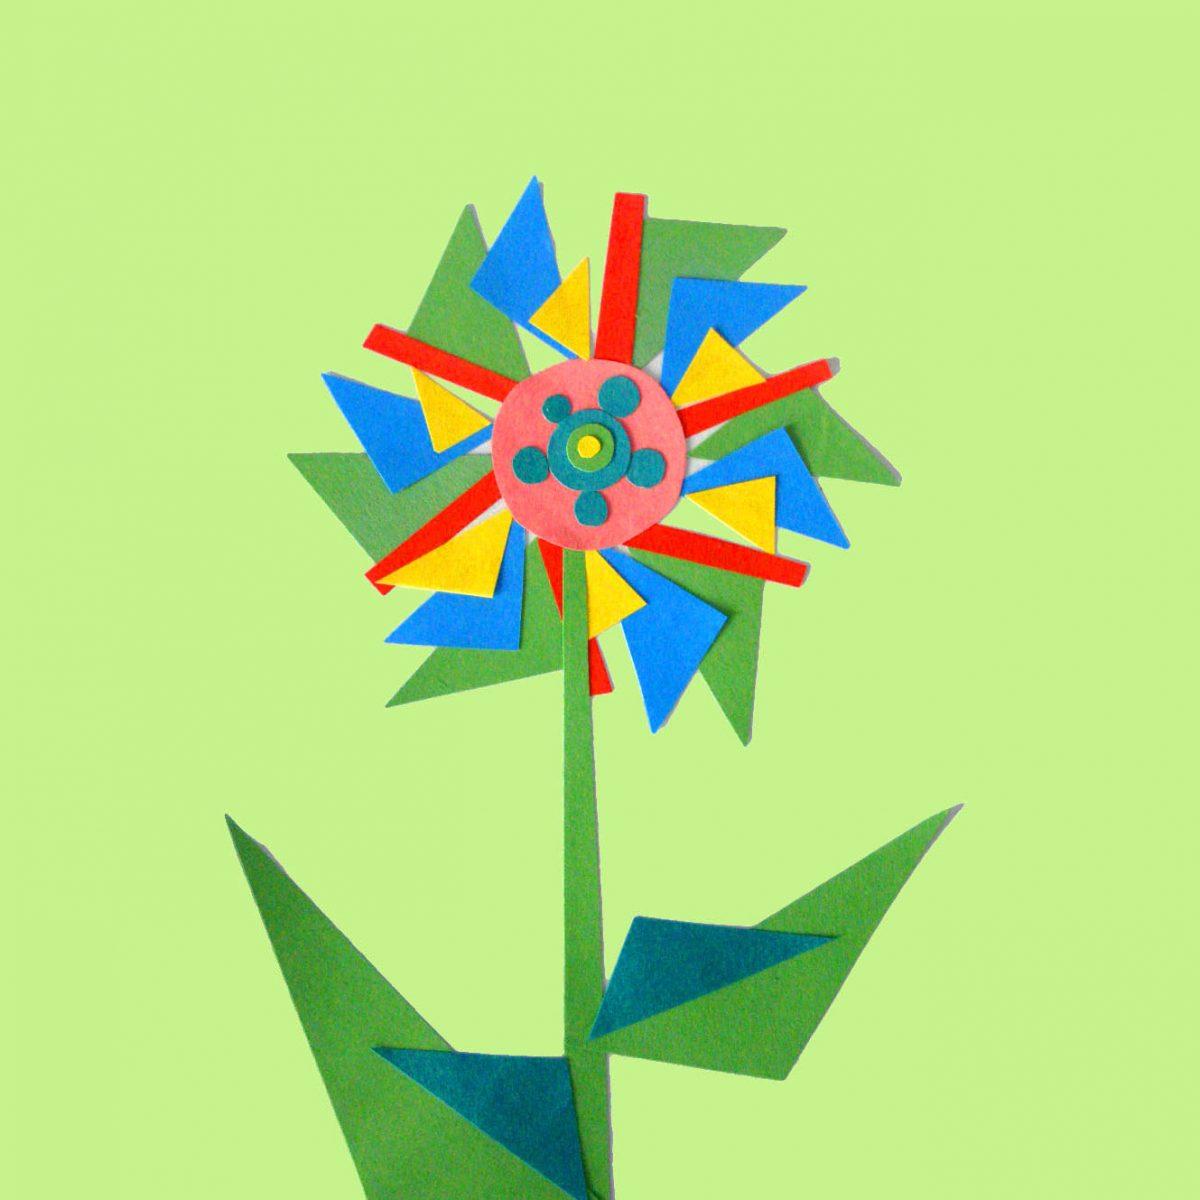 fleurs-g%c3%a9om%c3%a9triques